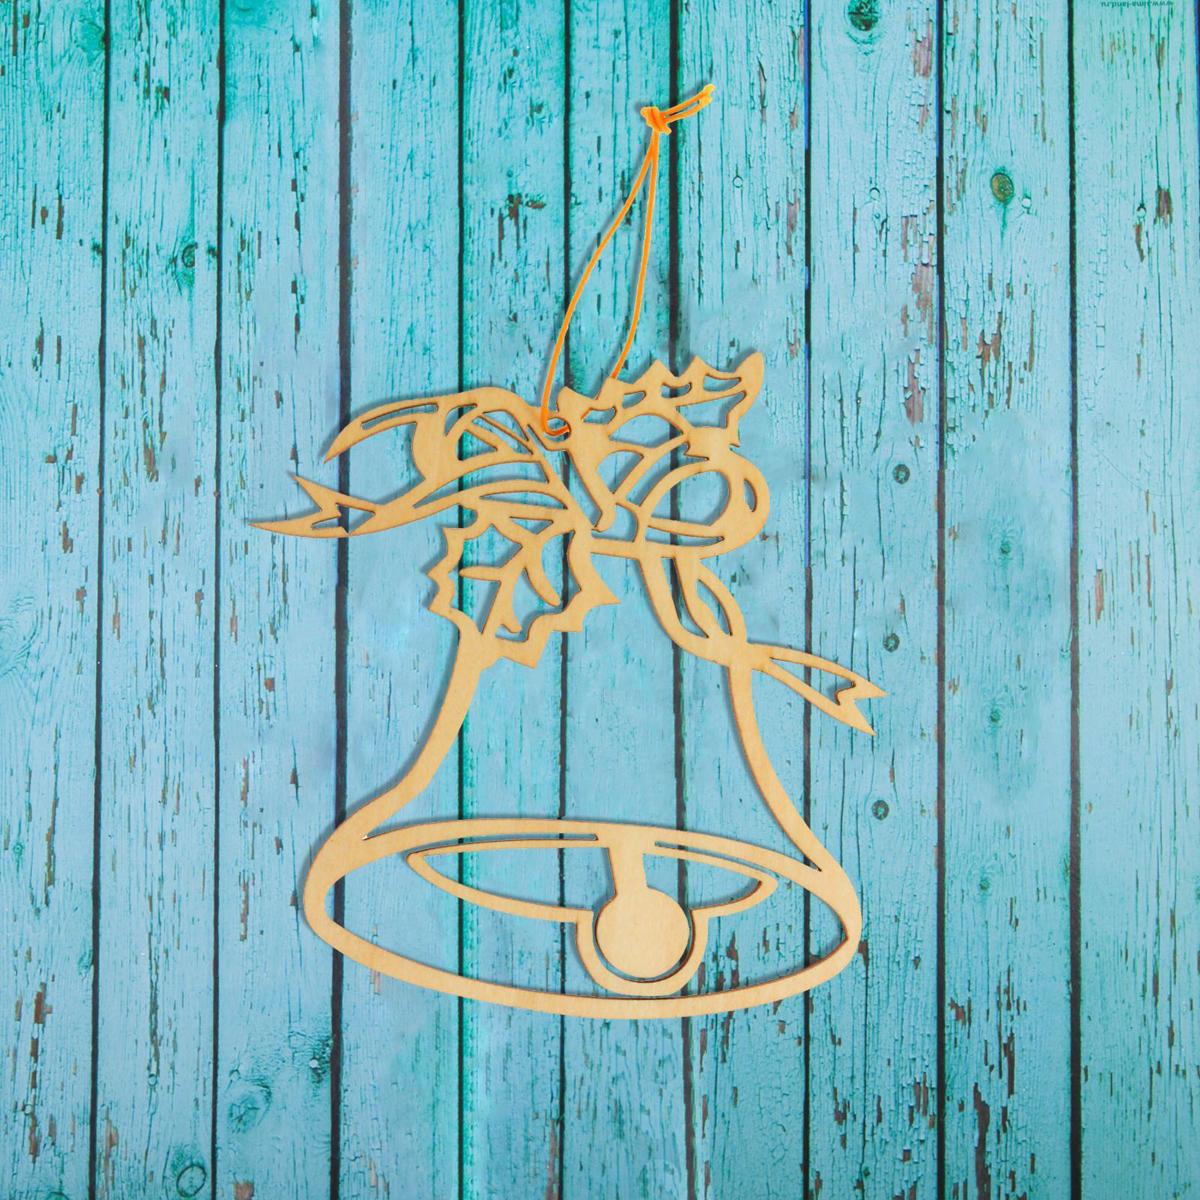 Новогоднее подвесное украшение Sima-land Новогодний колокольчик, под роспись, 9,5 х 9,5 см1393693Новогоднее украшение Sima-land отлично подойдет для декорации вашего дома и новогодней ели. Елочная игрушка - символ Нового года. Она несет в себе волшебство и красоту праздника. Такое украшение создаст в вашем доме атмосферу праздника, веселья и радости.